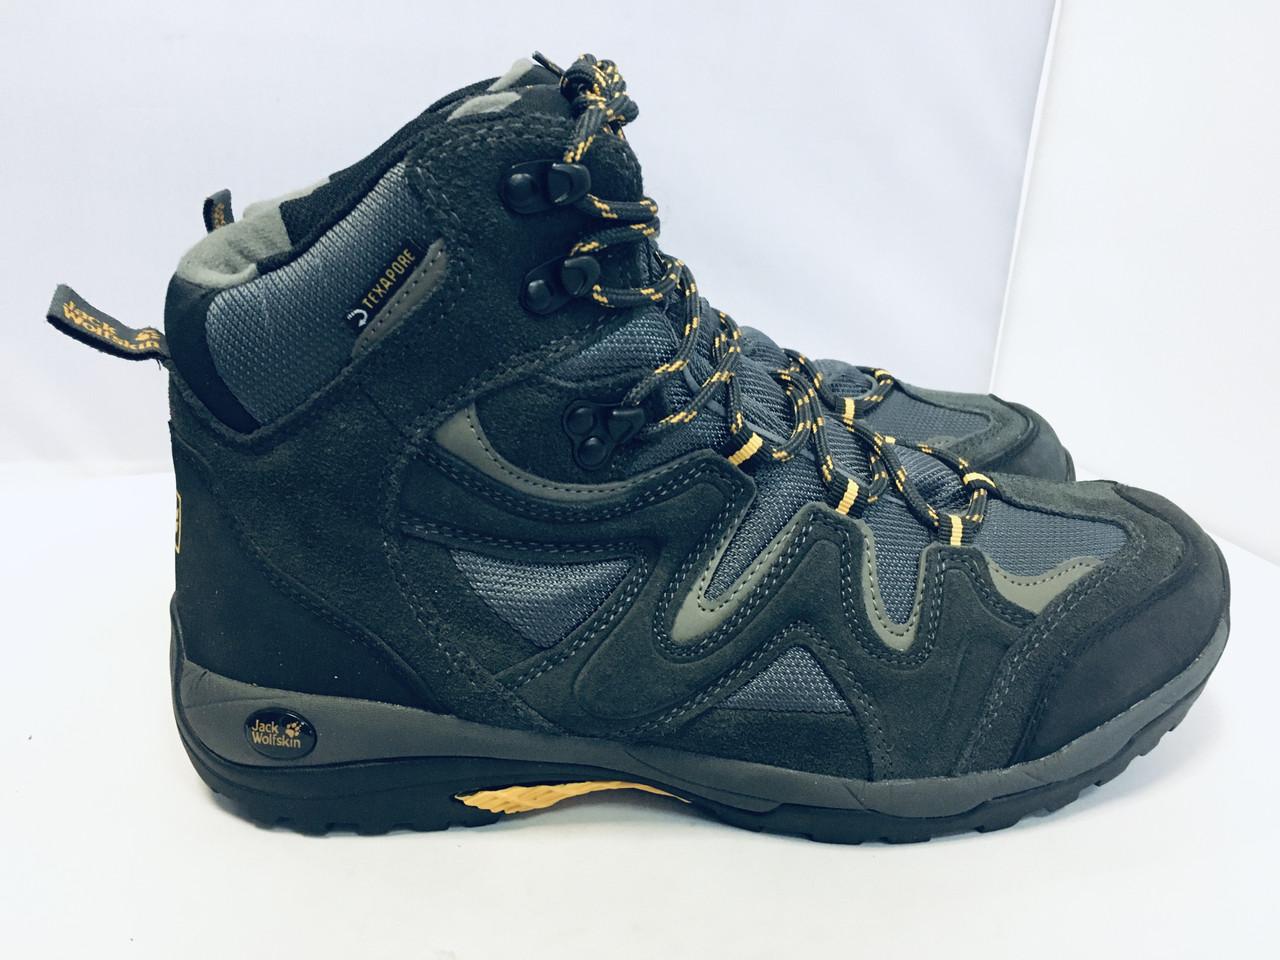 Мужские ботинки Jack Wolfskin, 44 размер